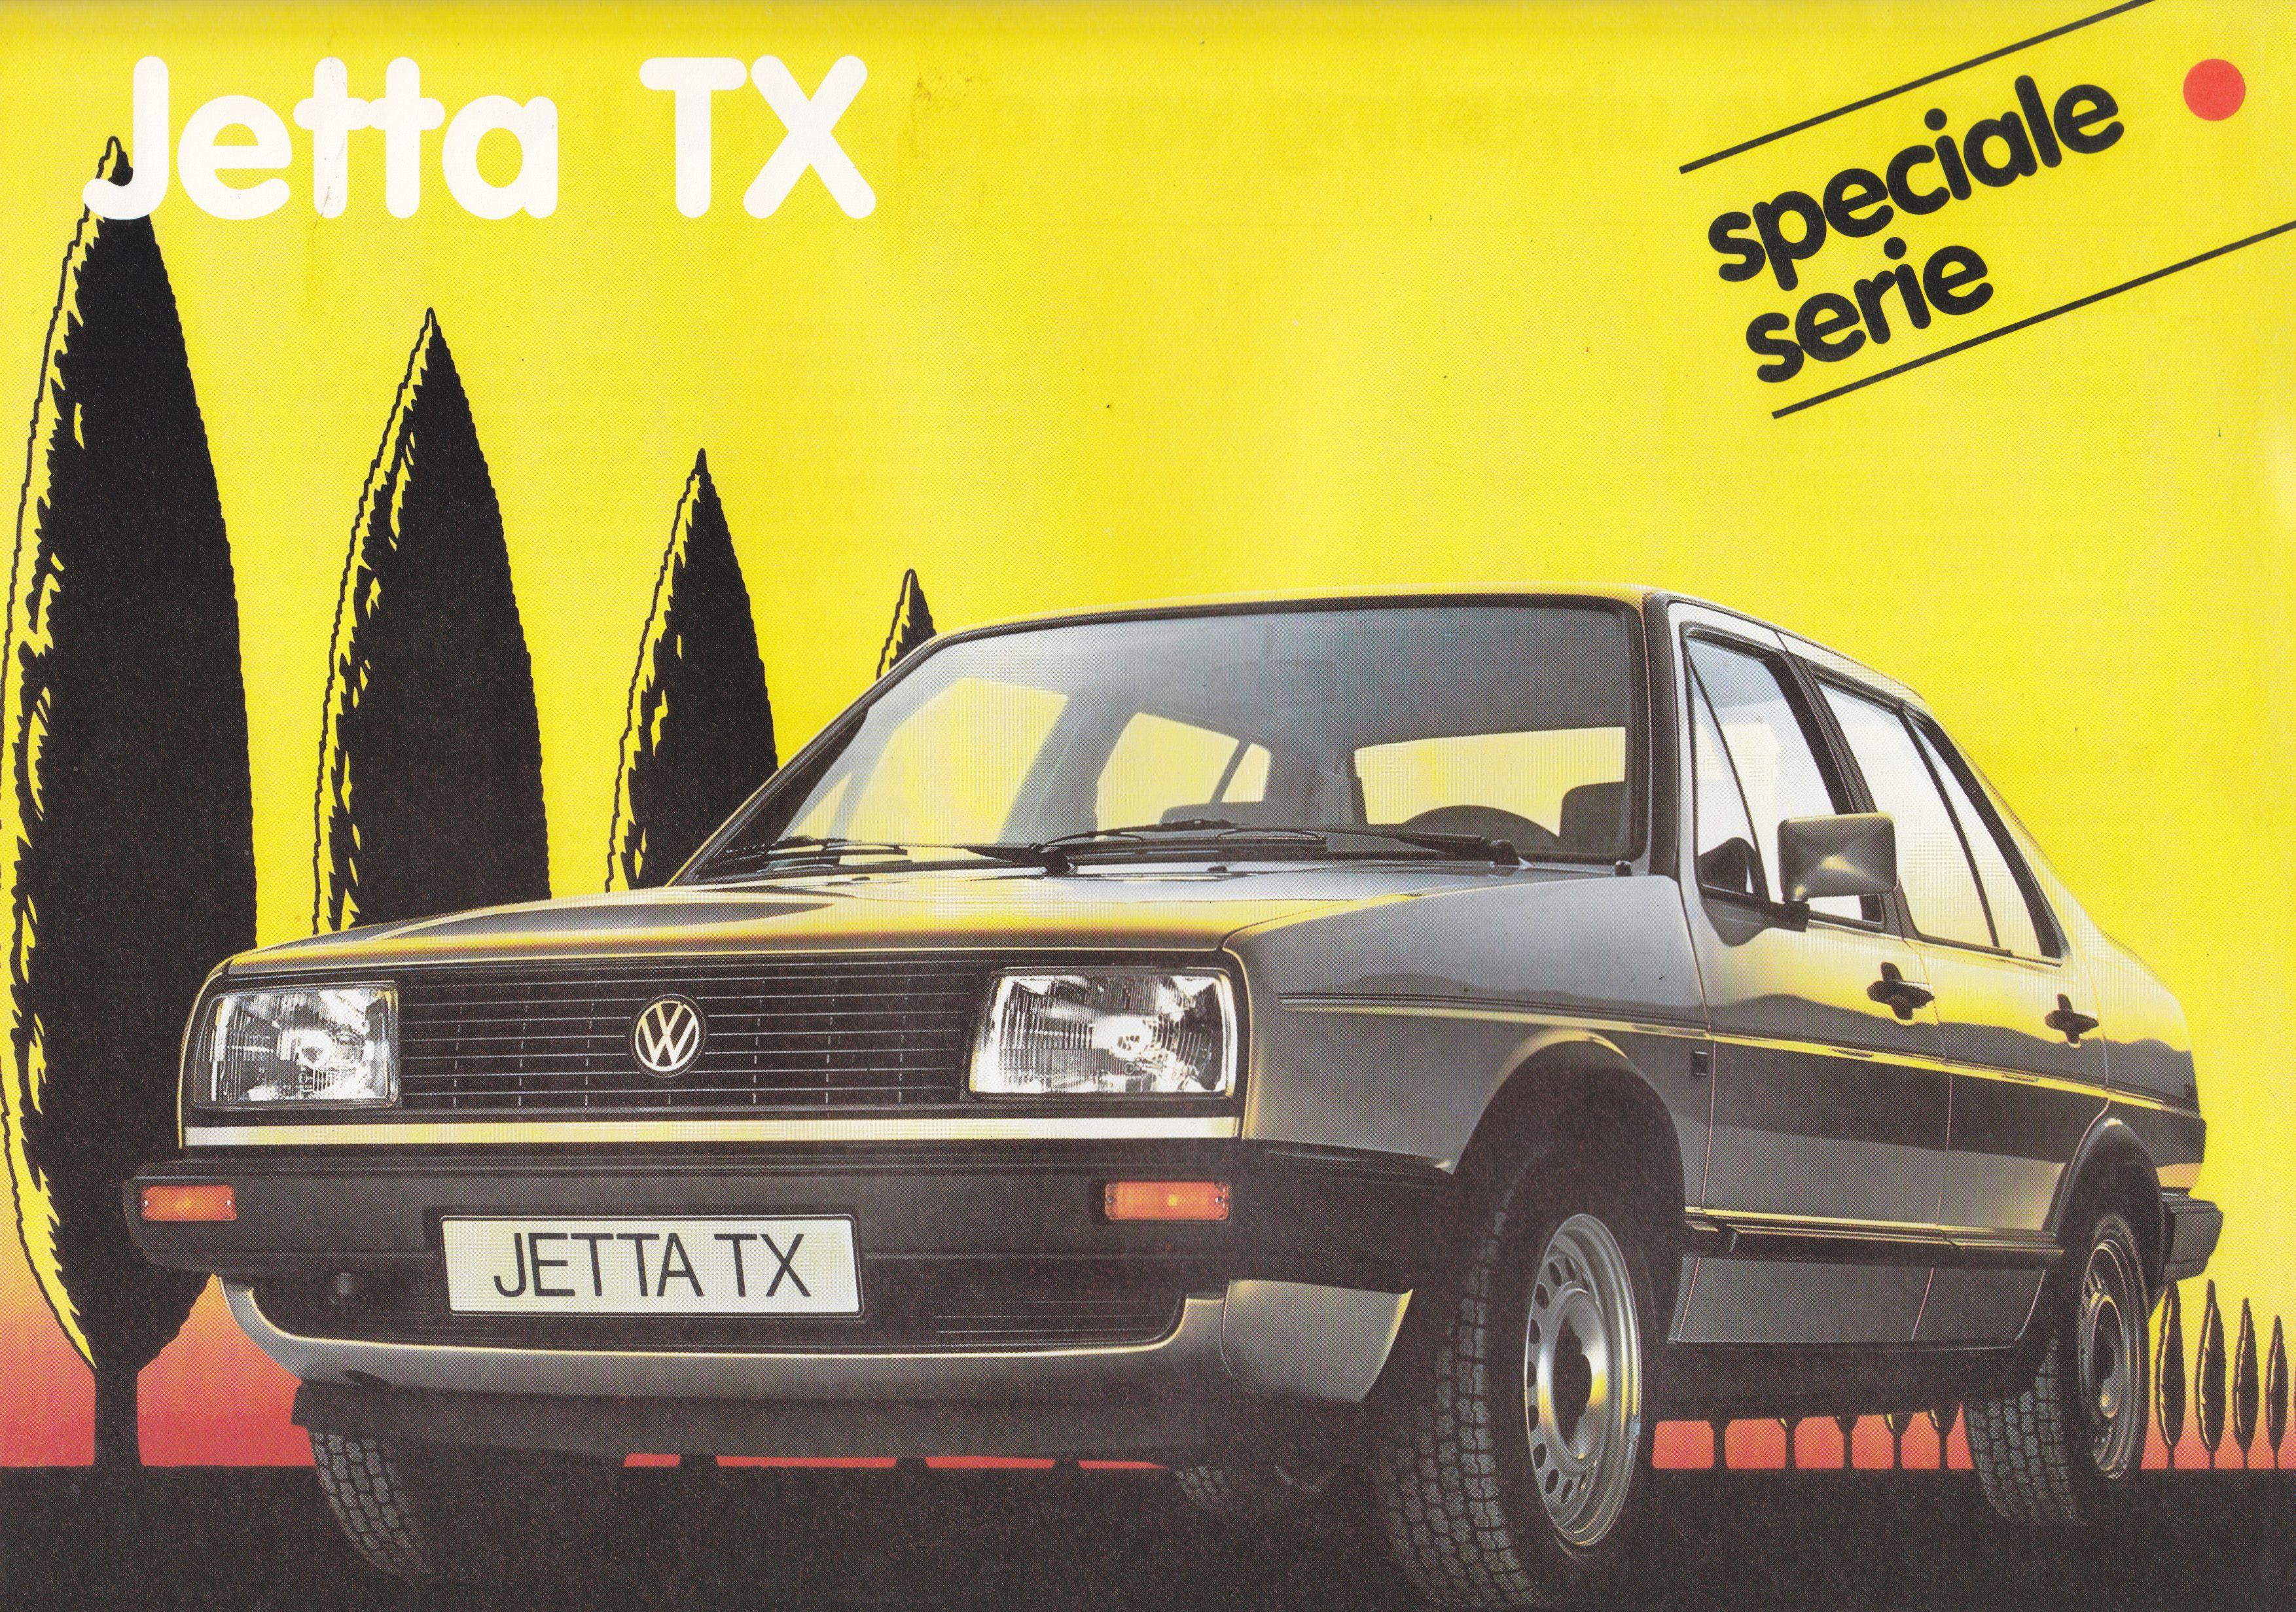 Volkswagen Jetta Tx Leaflet Belgium Jan 1986 Volkswagen Jetta Volkswagen Classic Cars